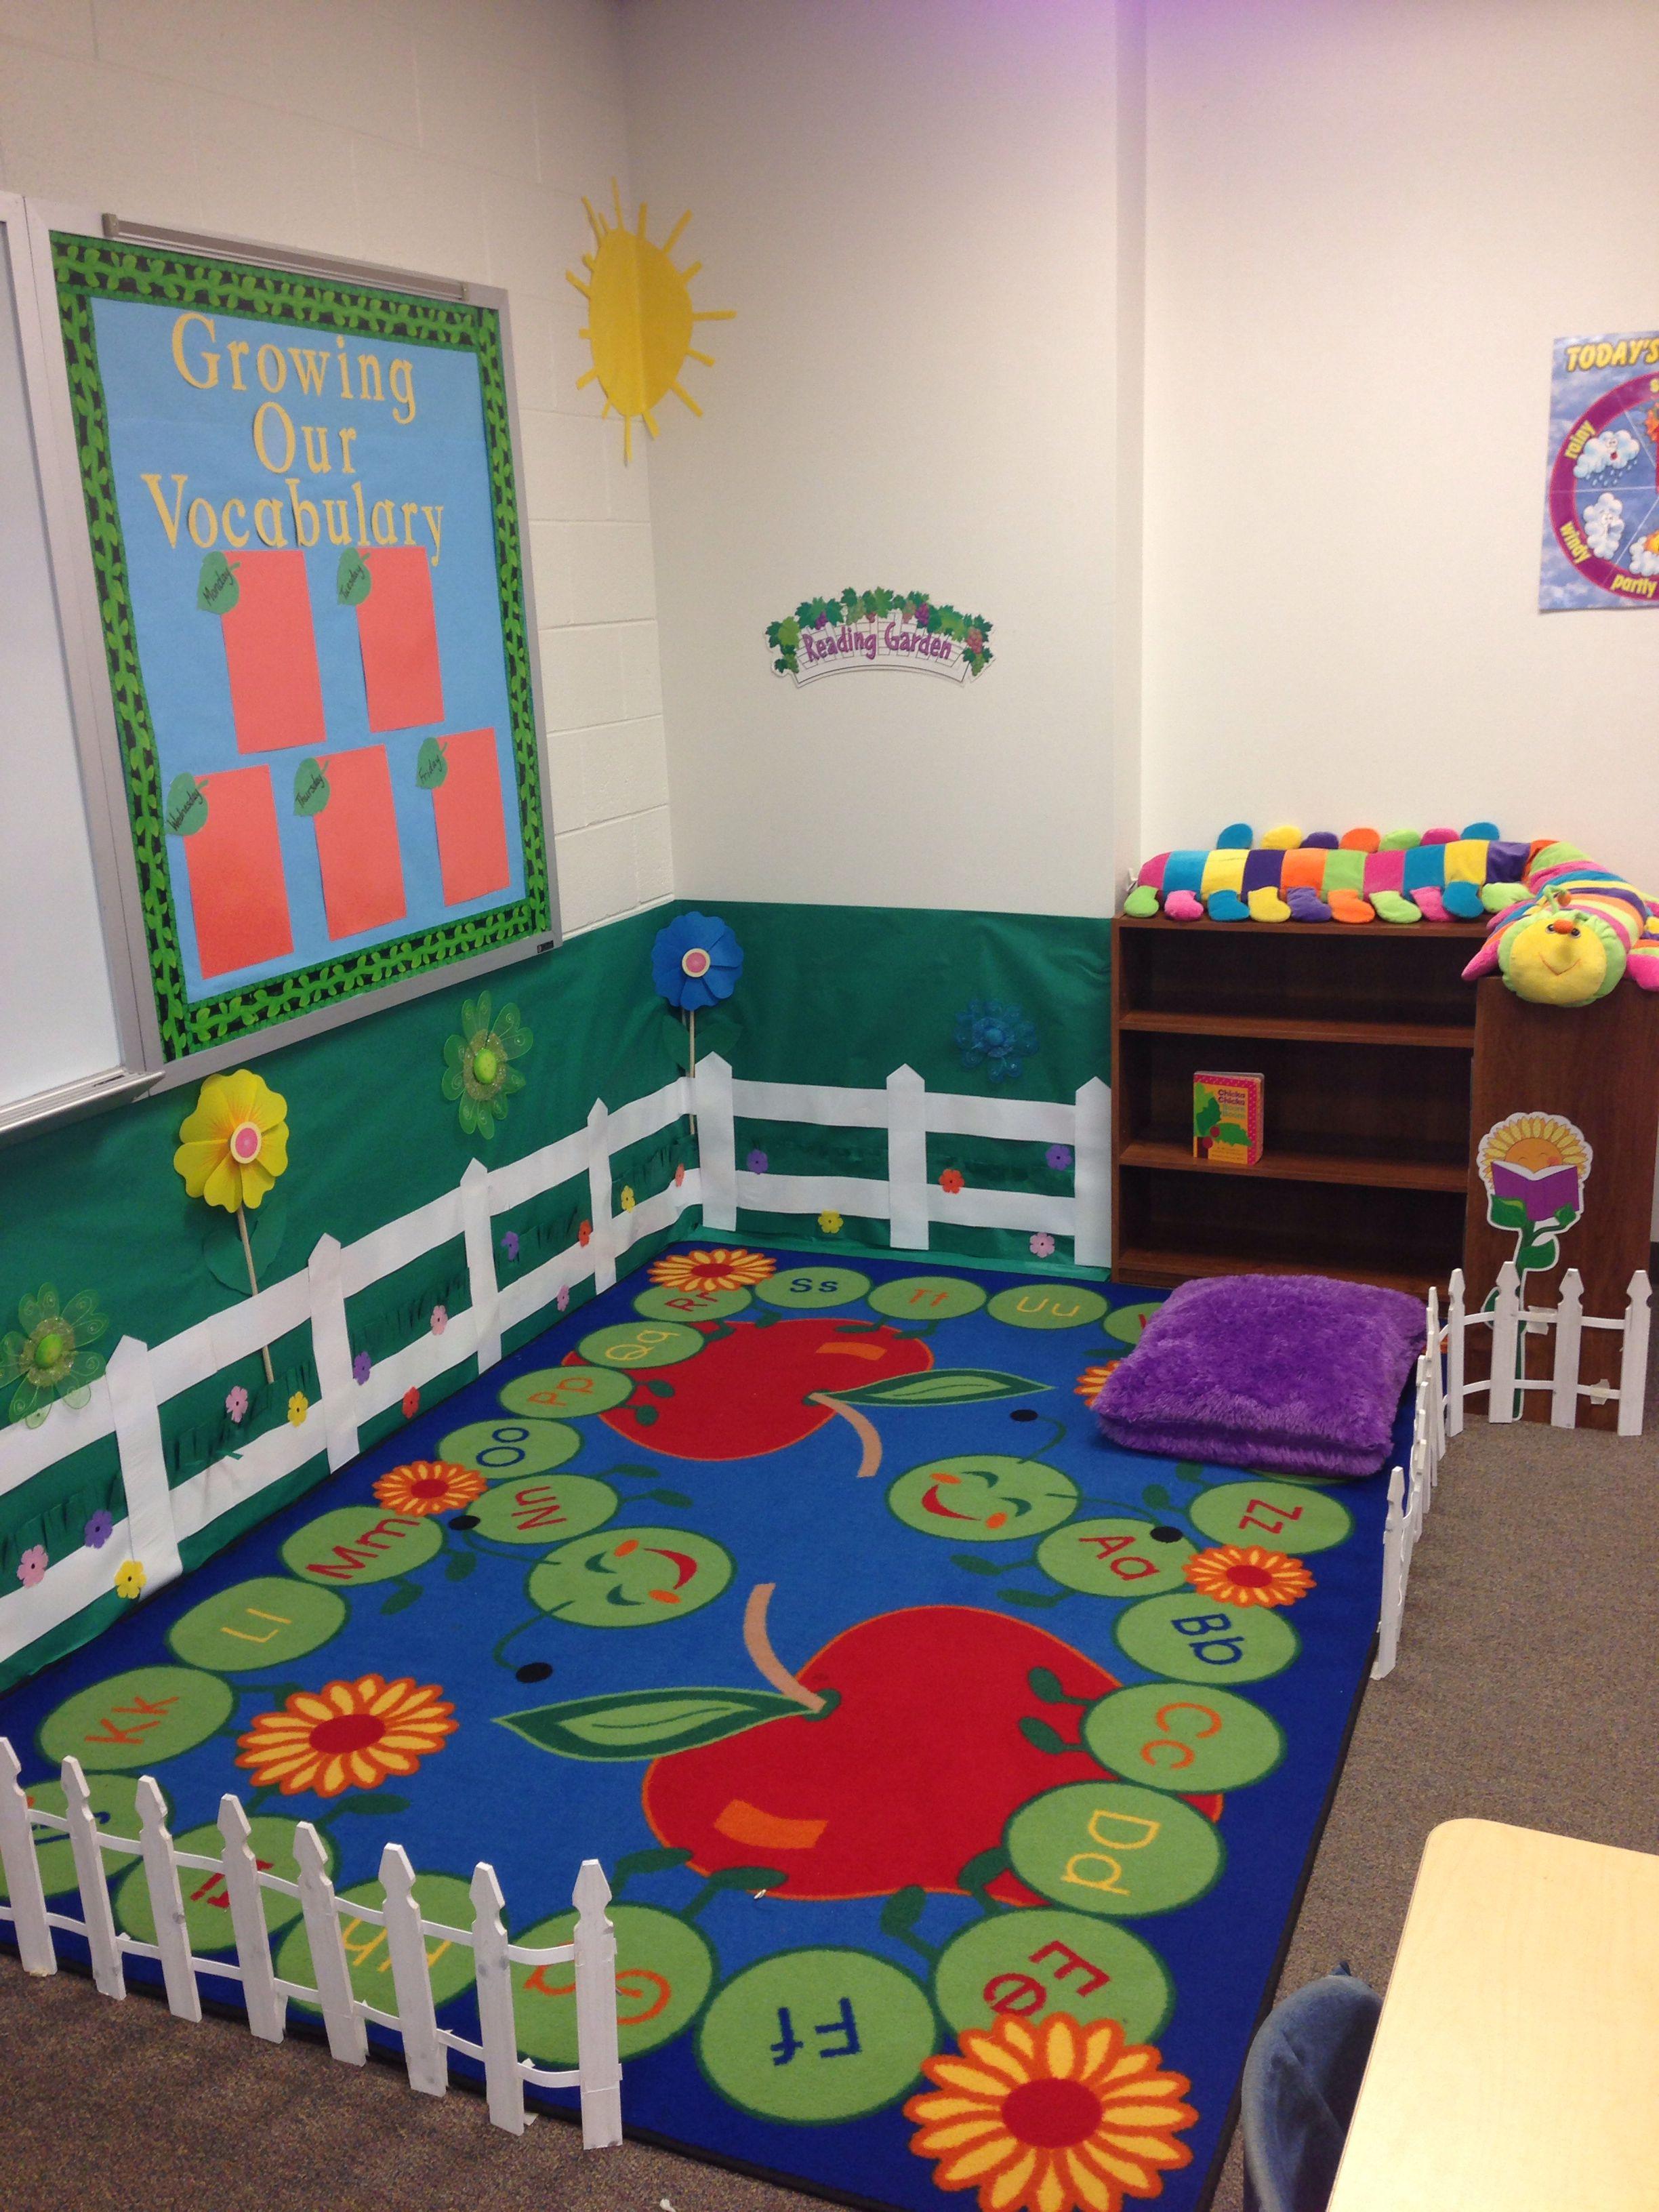 My Classroom Reading Garden Classroom Reading Garden